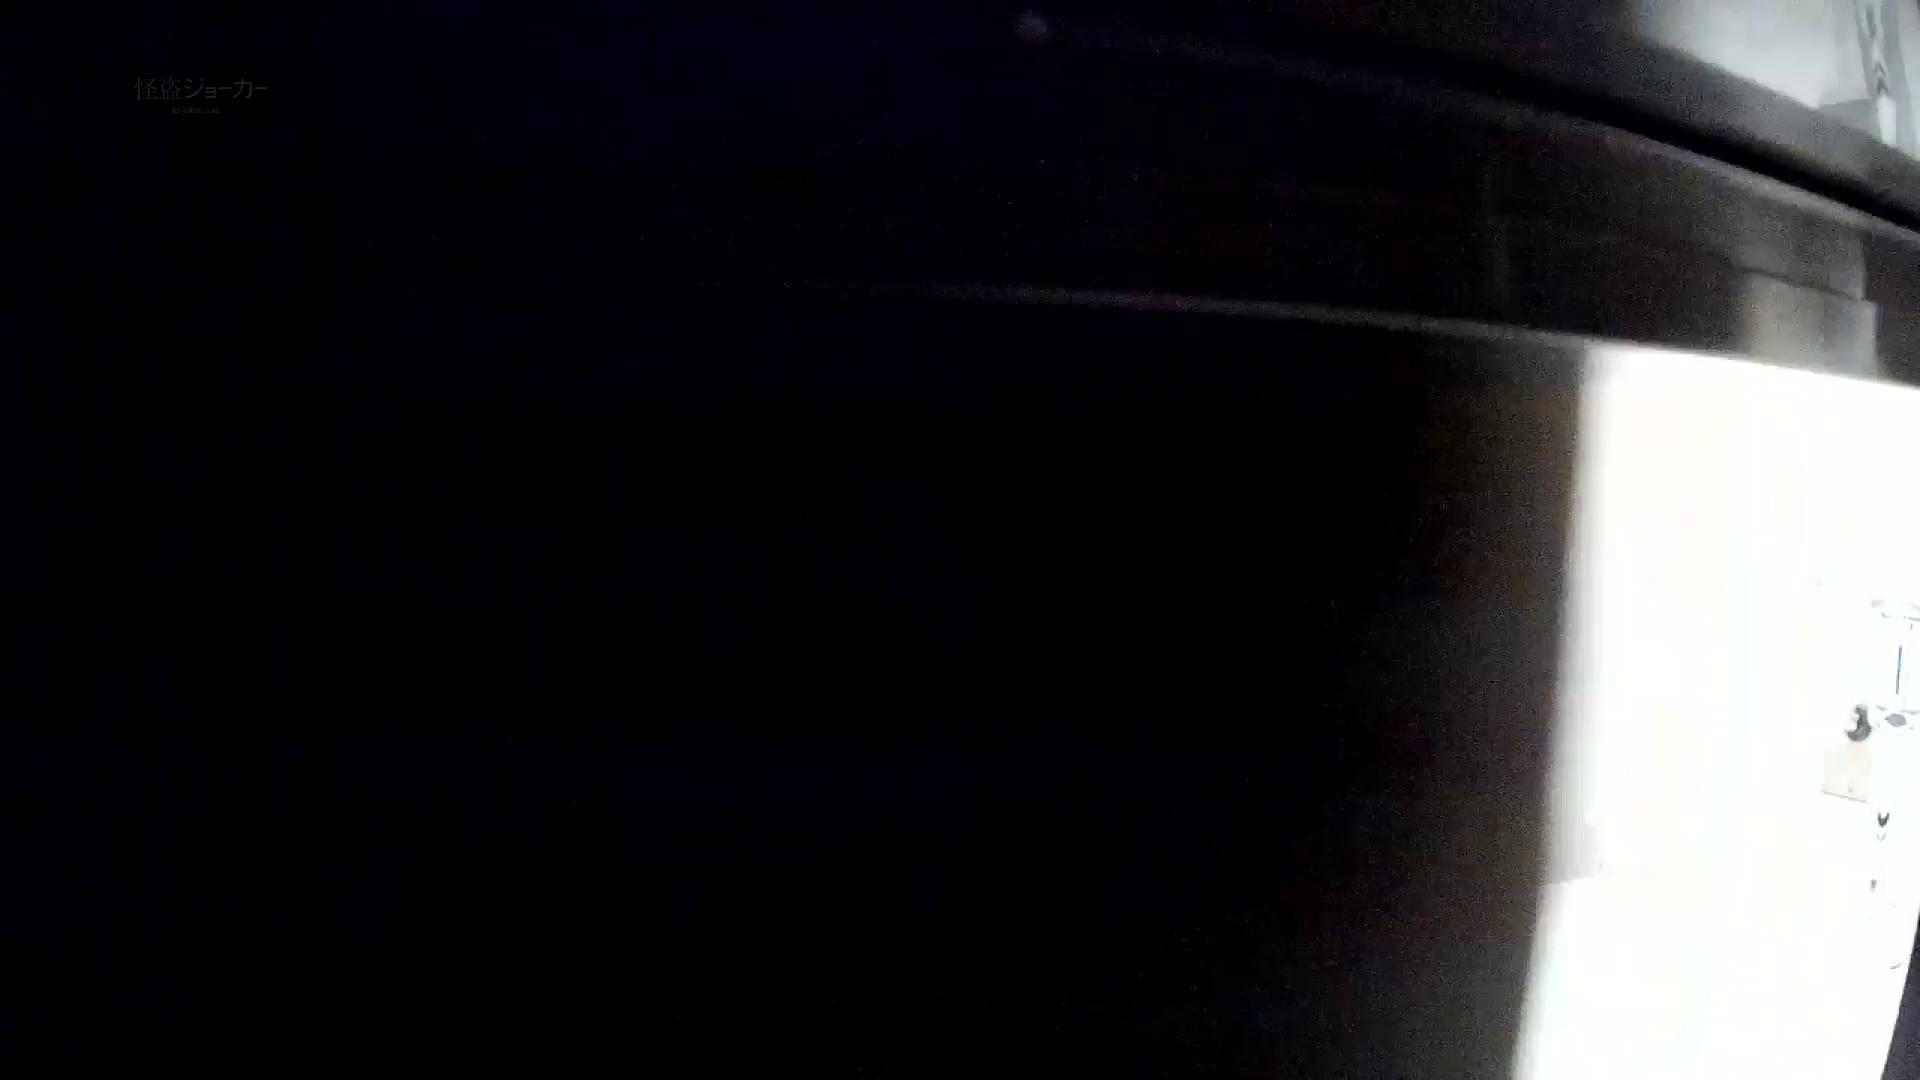 有名大学女性洗面所 vol.56 集まれもこもこ冬服美女!! 洗面所 性交動画流出 104PIX 58